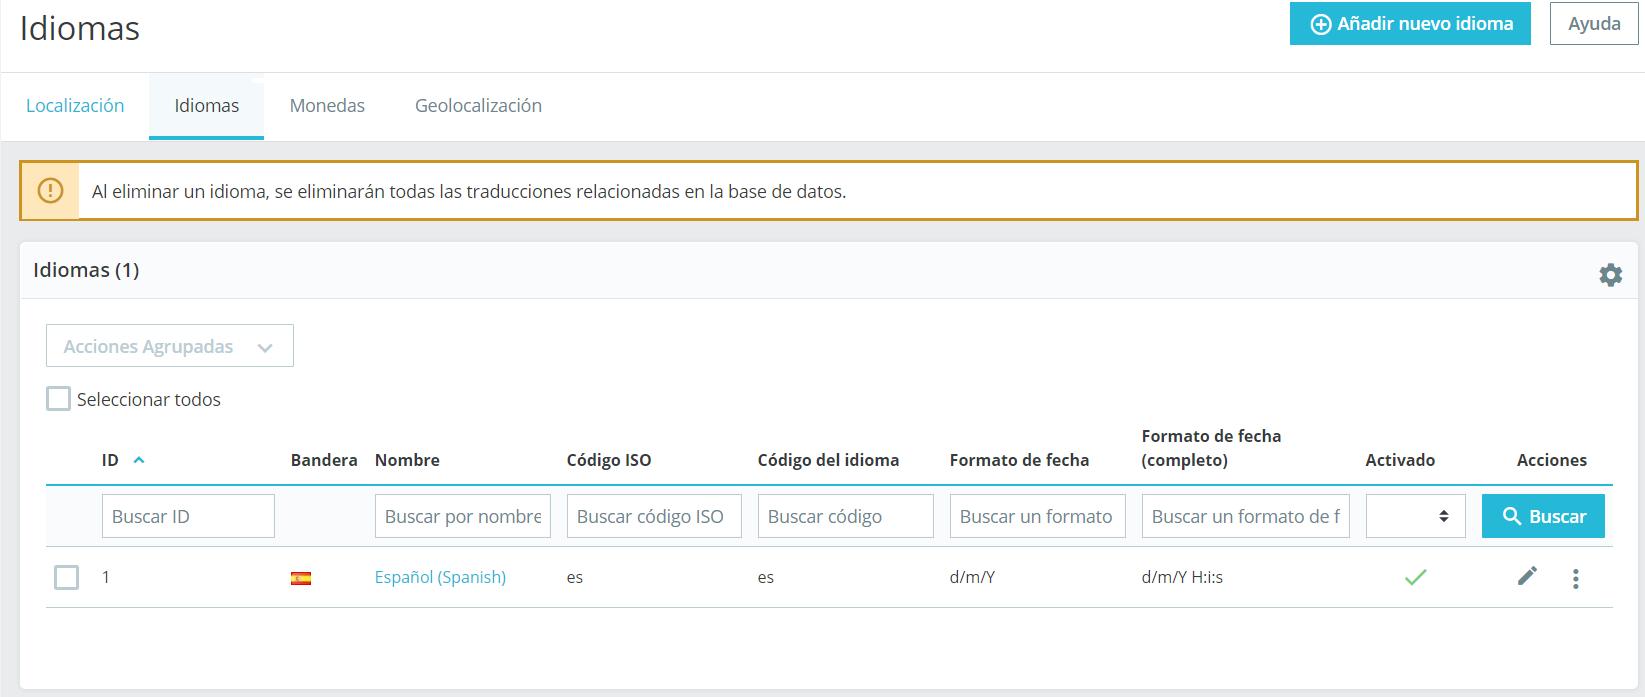 Configurar idiomas en Prestashop 1.7